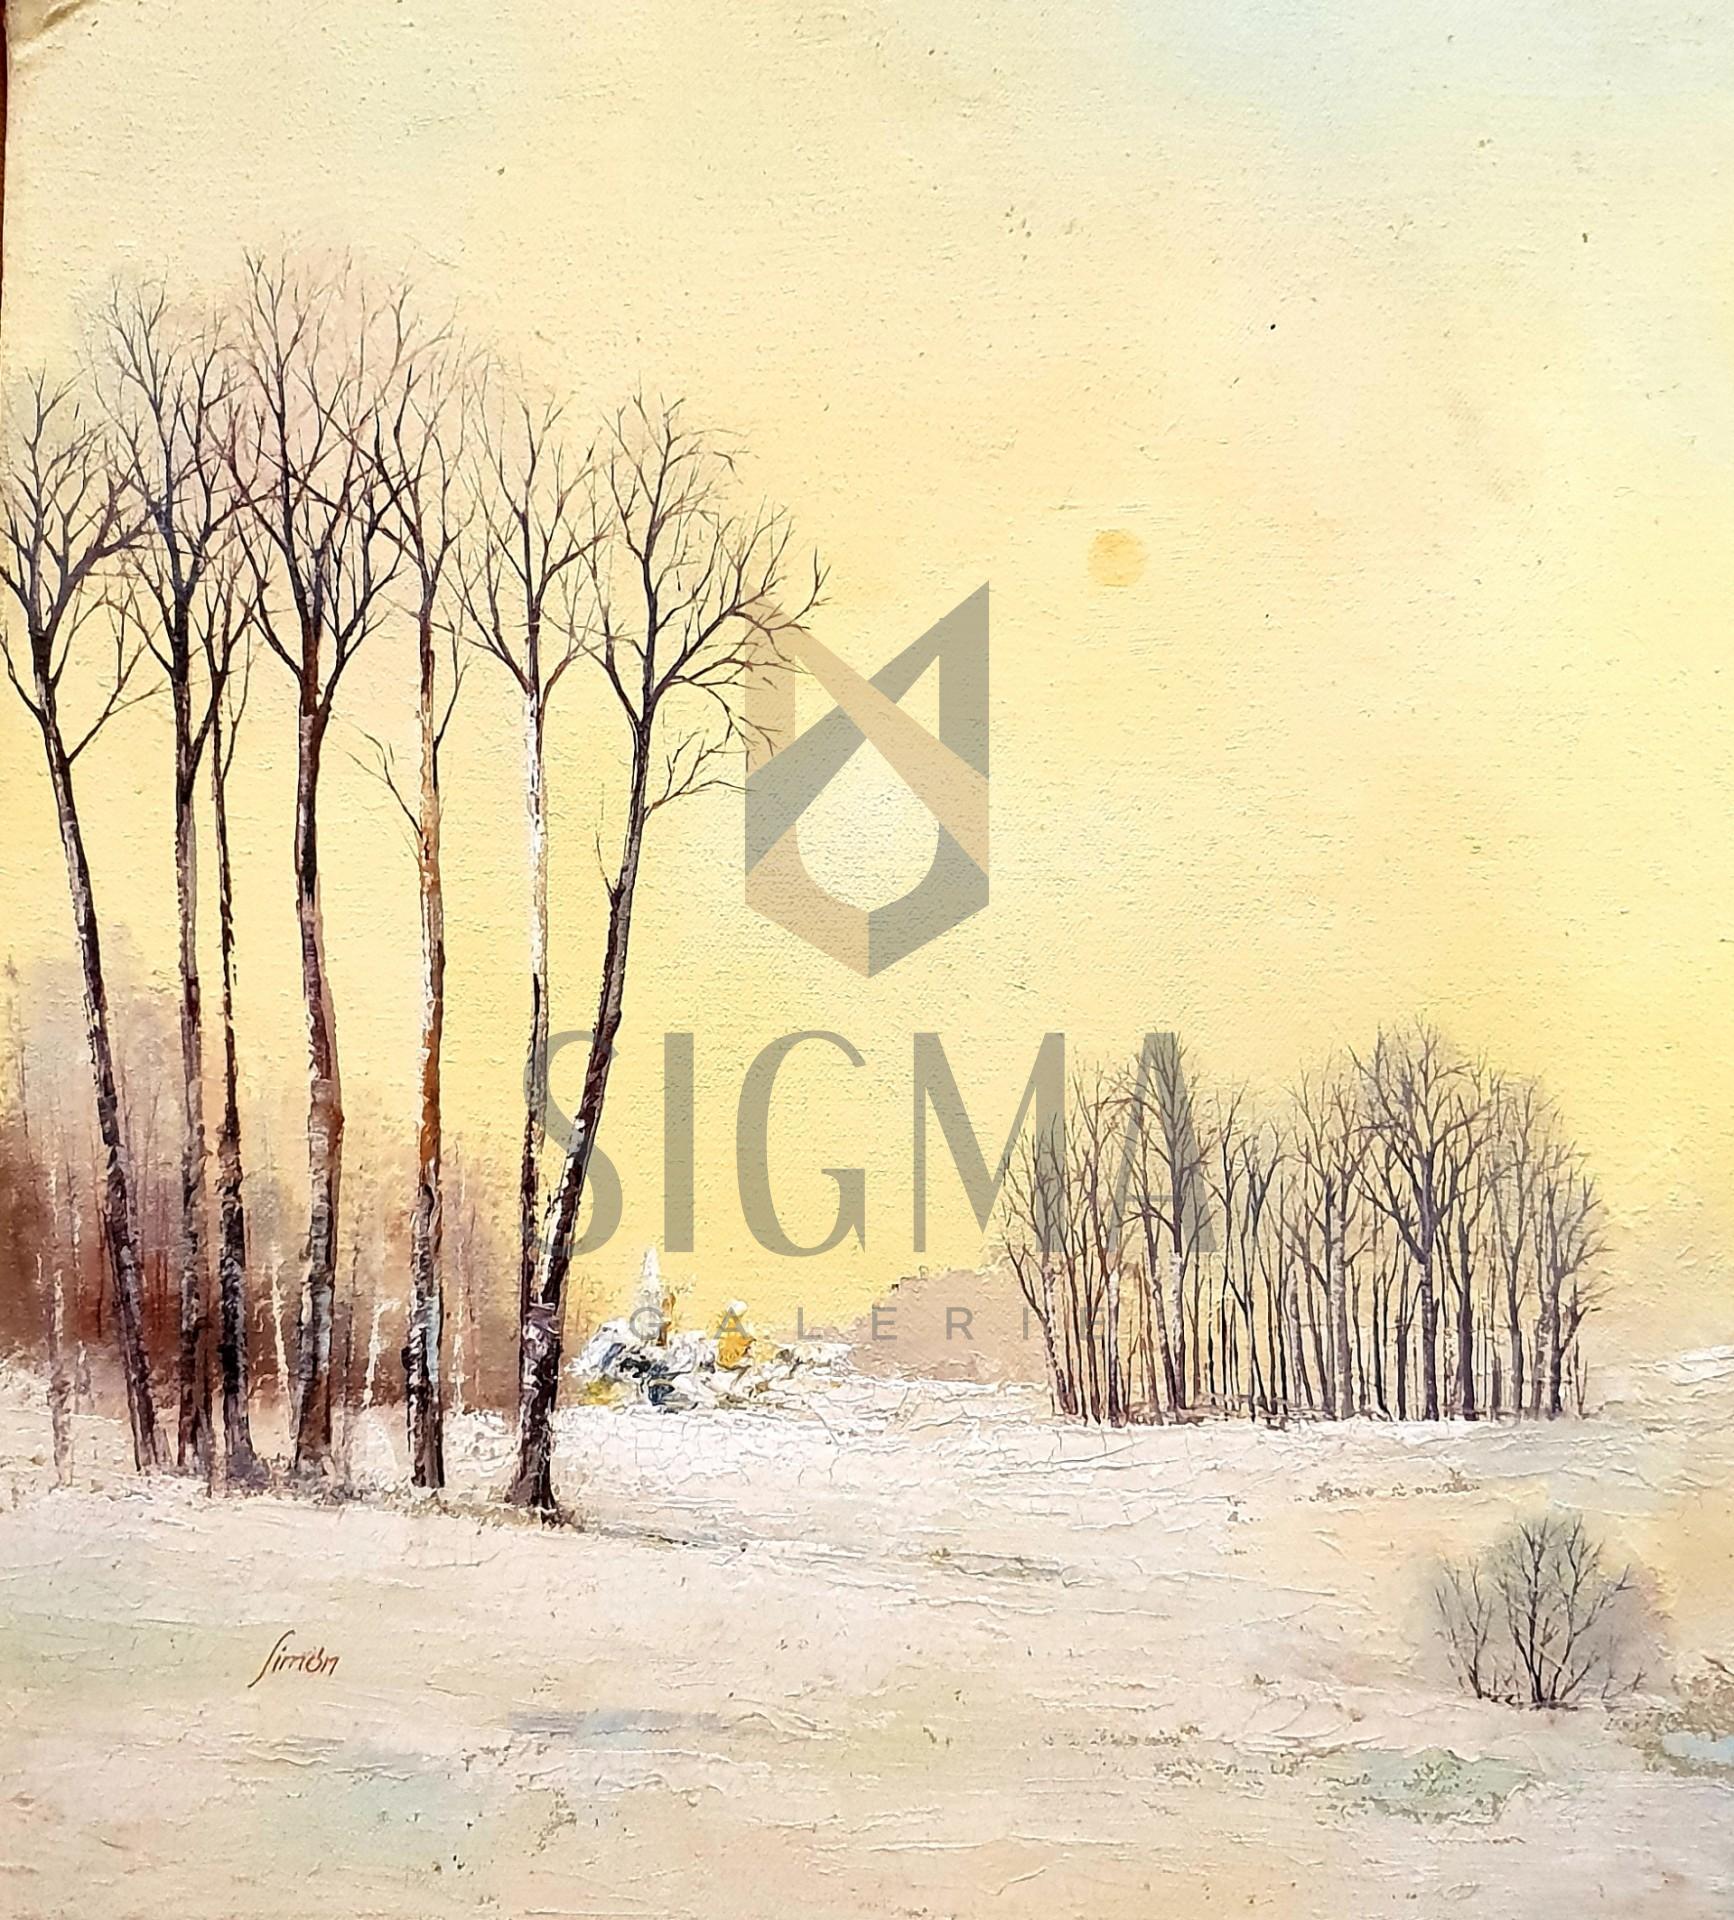 Tablou, - Peisaj de iarna - ulei pe carton,  44 x 40 cm, semnata Simon